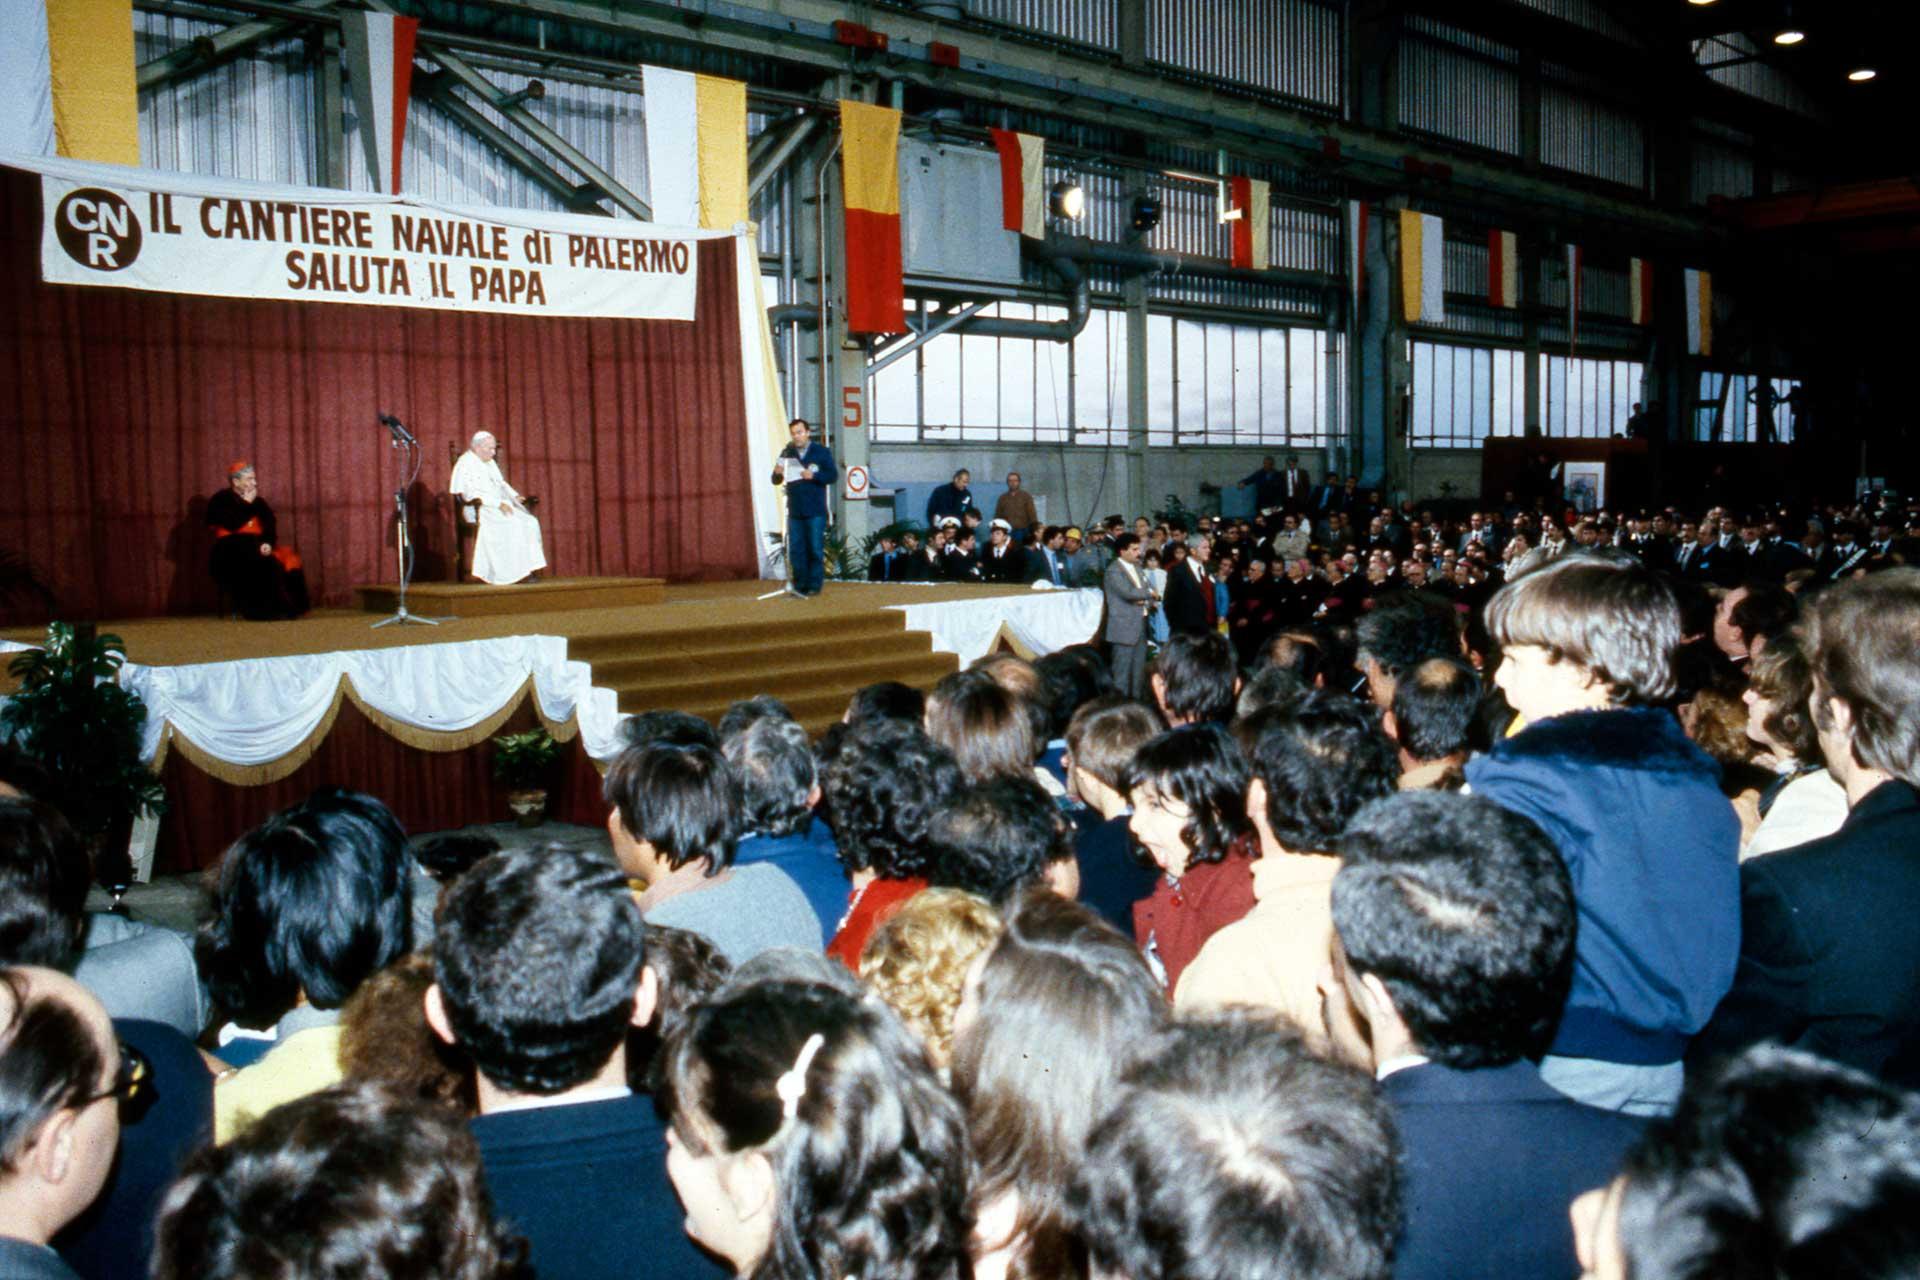 Le Pape salue et s'adresse aux ouvriers et aux dirigeants du chantier naval de Palerme avec des paroles fermes et d'encouragement.